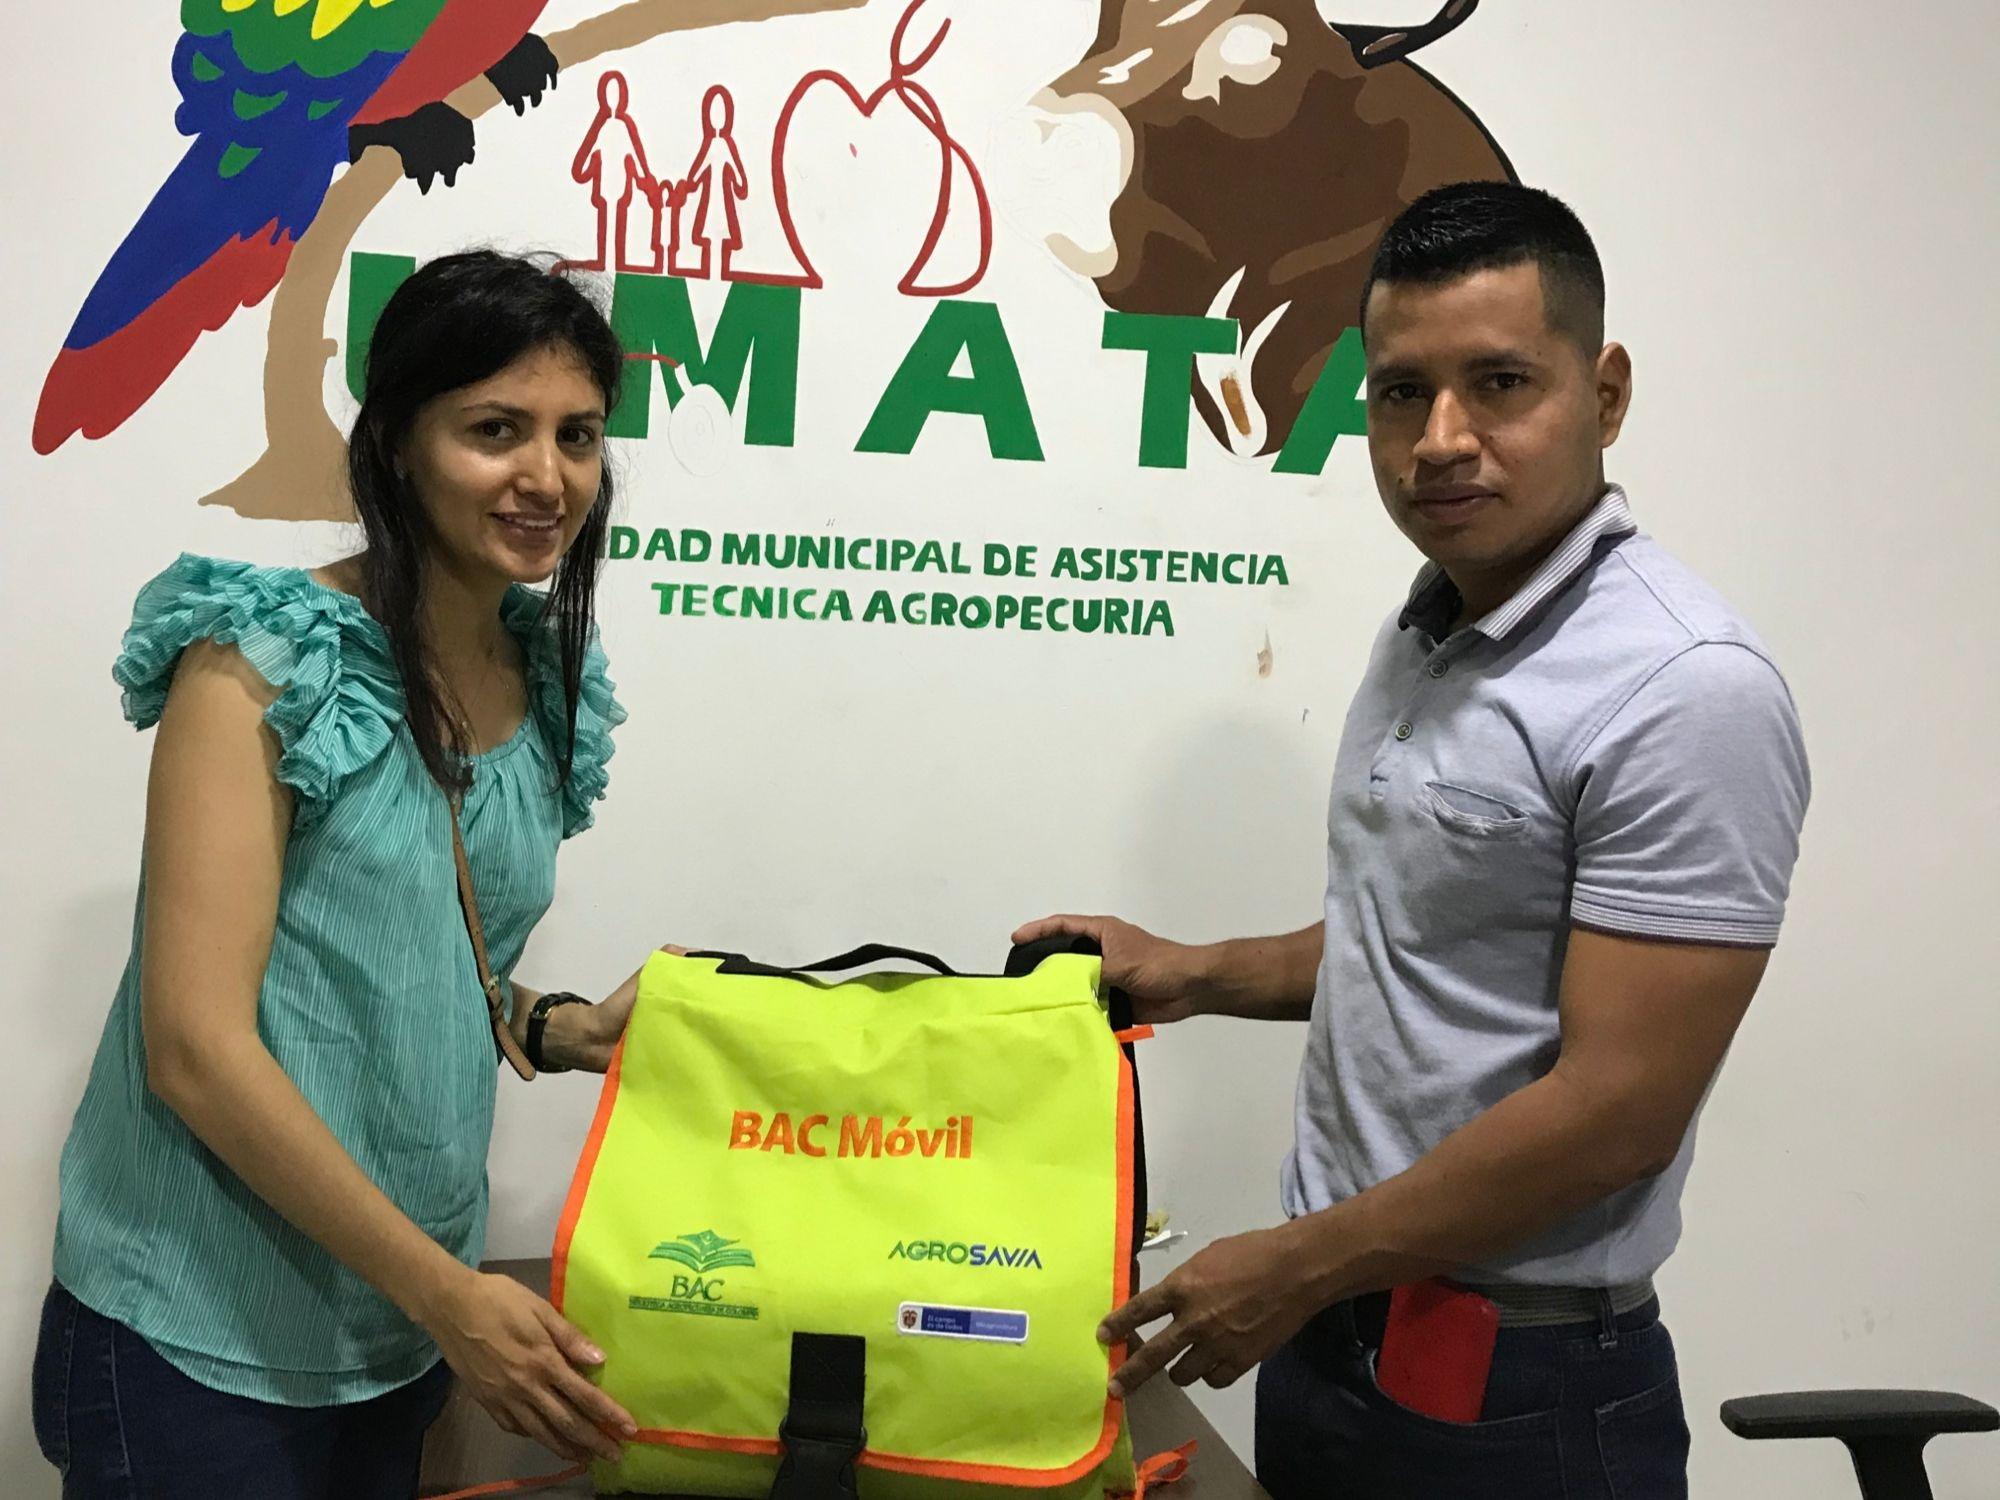 AGROSAVIA entrega BAC Móvil al municipio de Puerto Rico en Caquetá